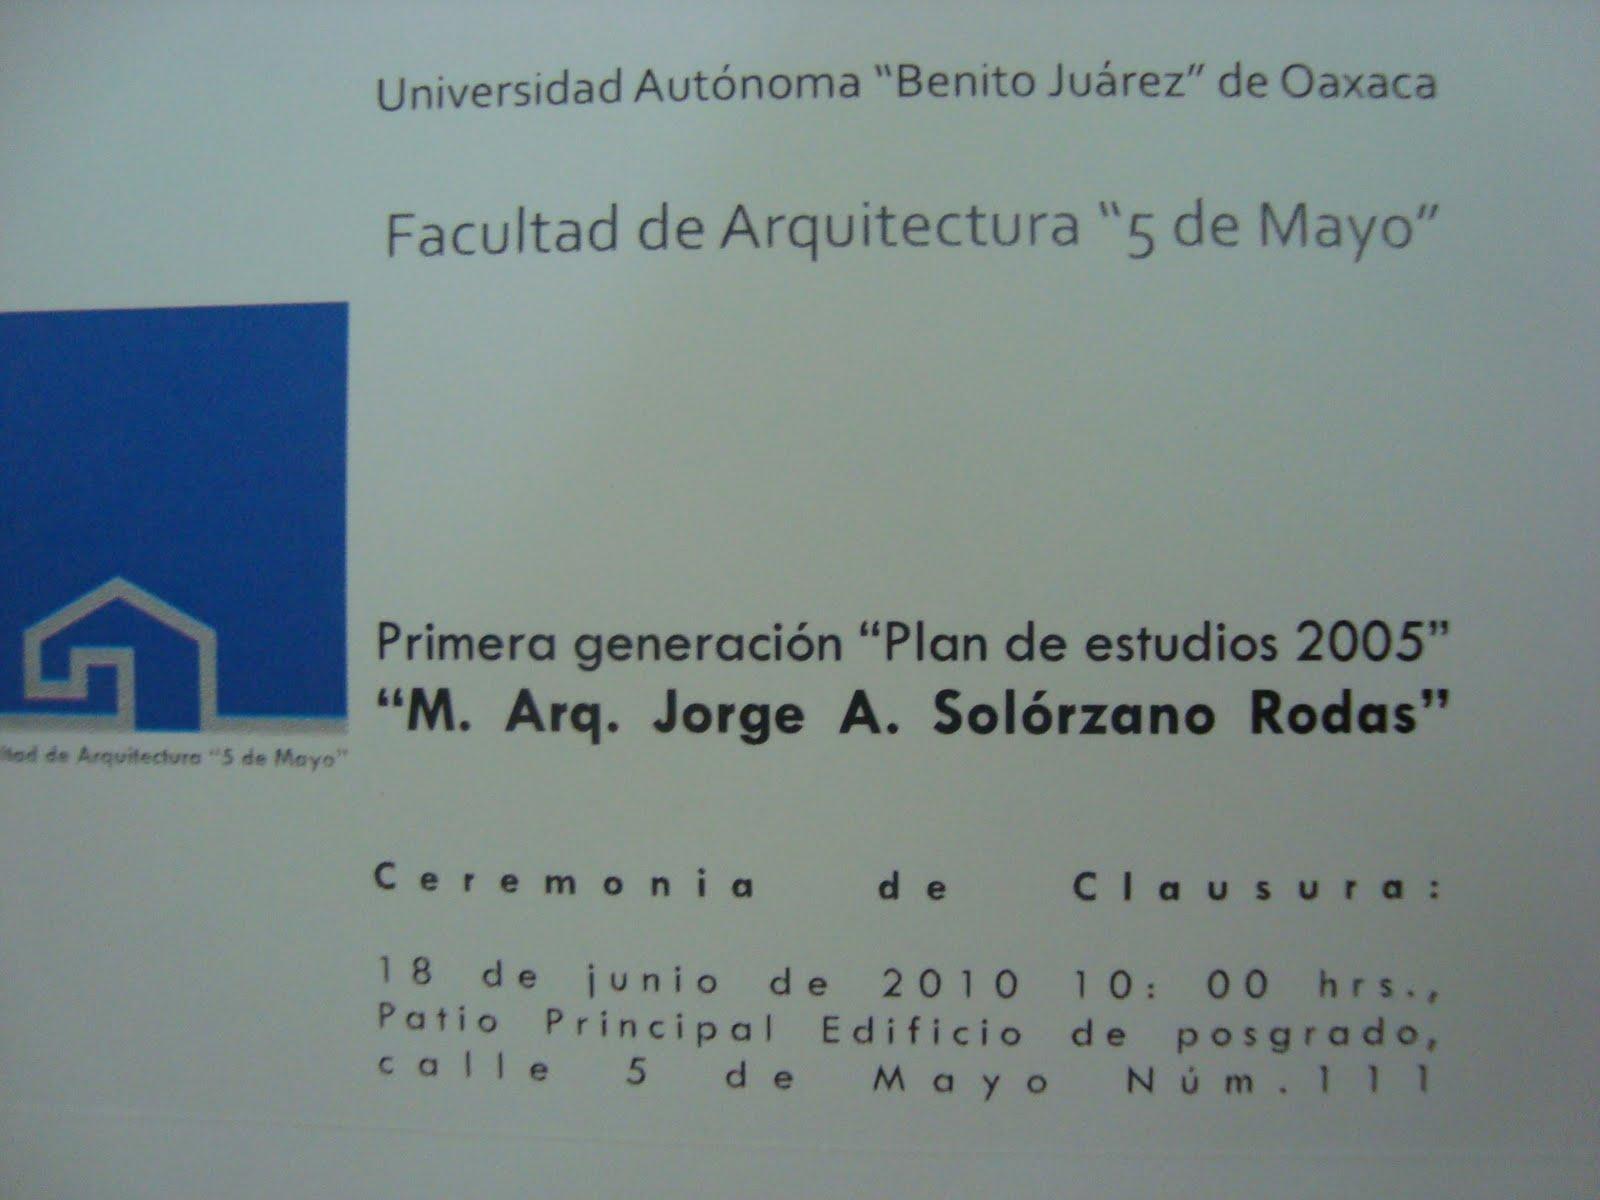 Facultad de arquitectura 5 de mayo de la uabjo for Arquitectura 5 de mayo plan de estudios